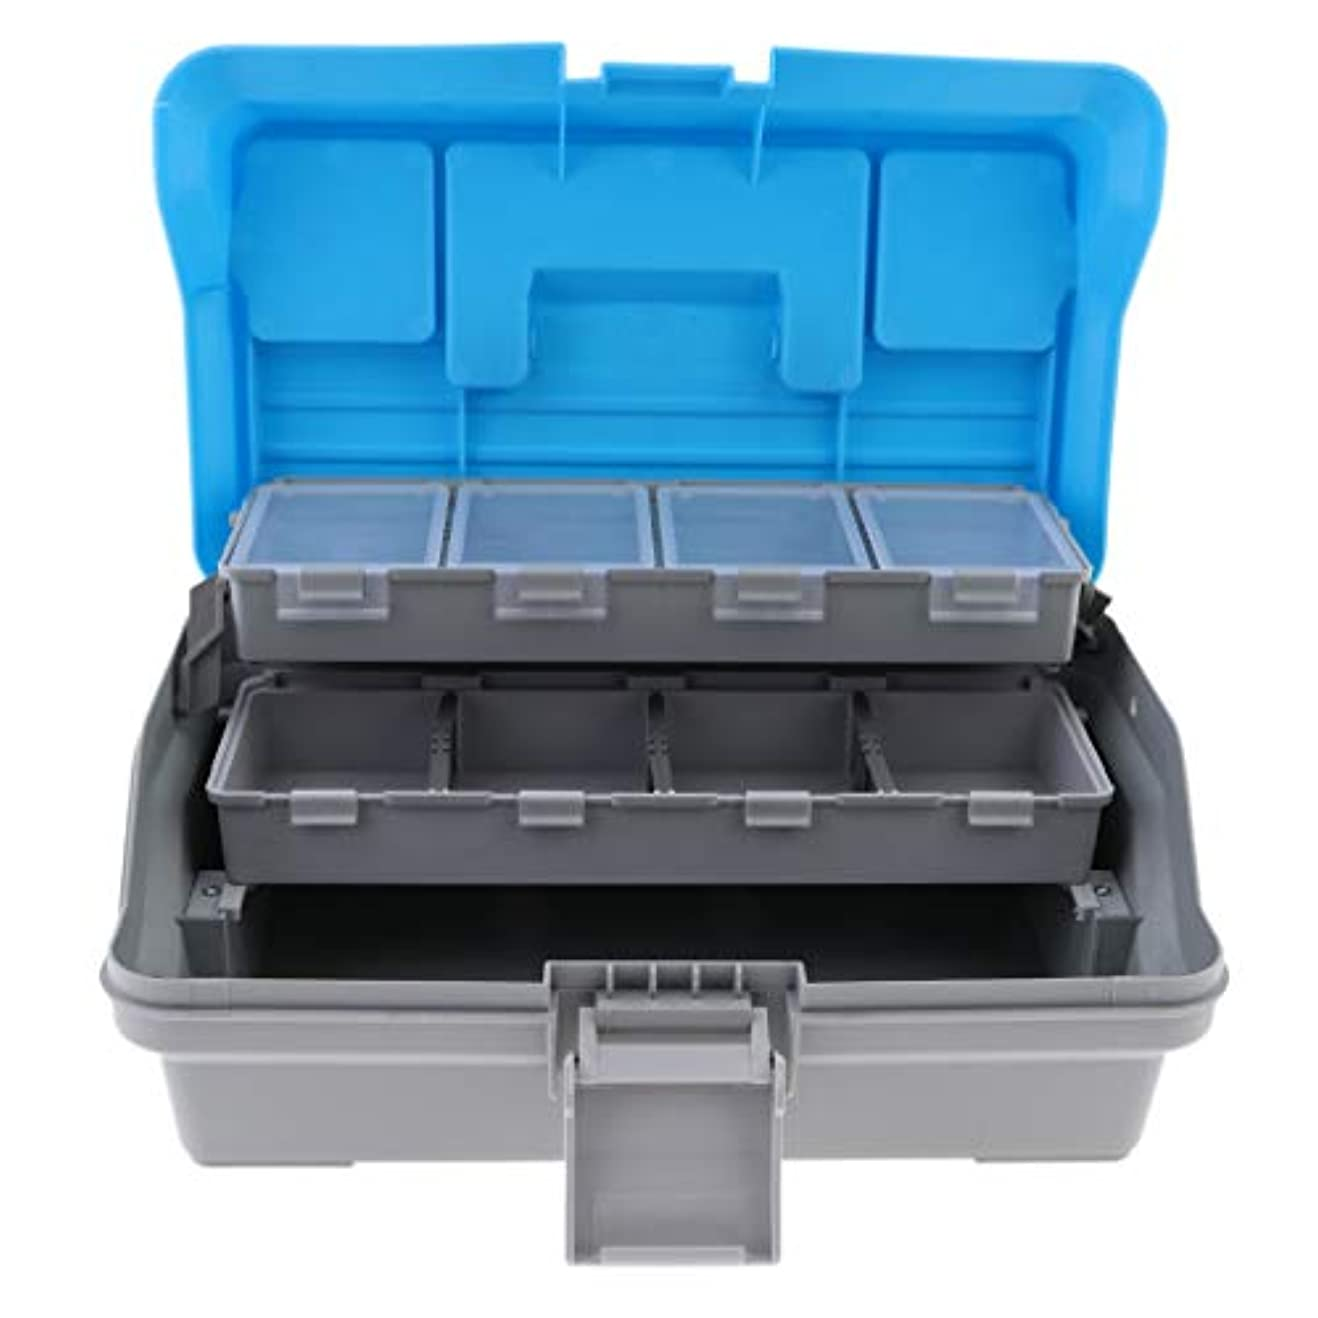 クランシーキャプテン血色の良いCUTICATE 餌収納ケース タックルボックス 釣具収納 ルアーケース ポータブル 仕掛け小物入れ 3層 防水 収納 分類 整理